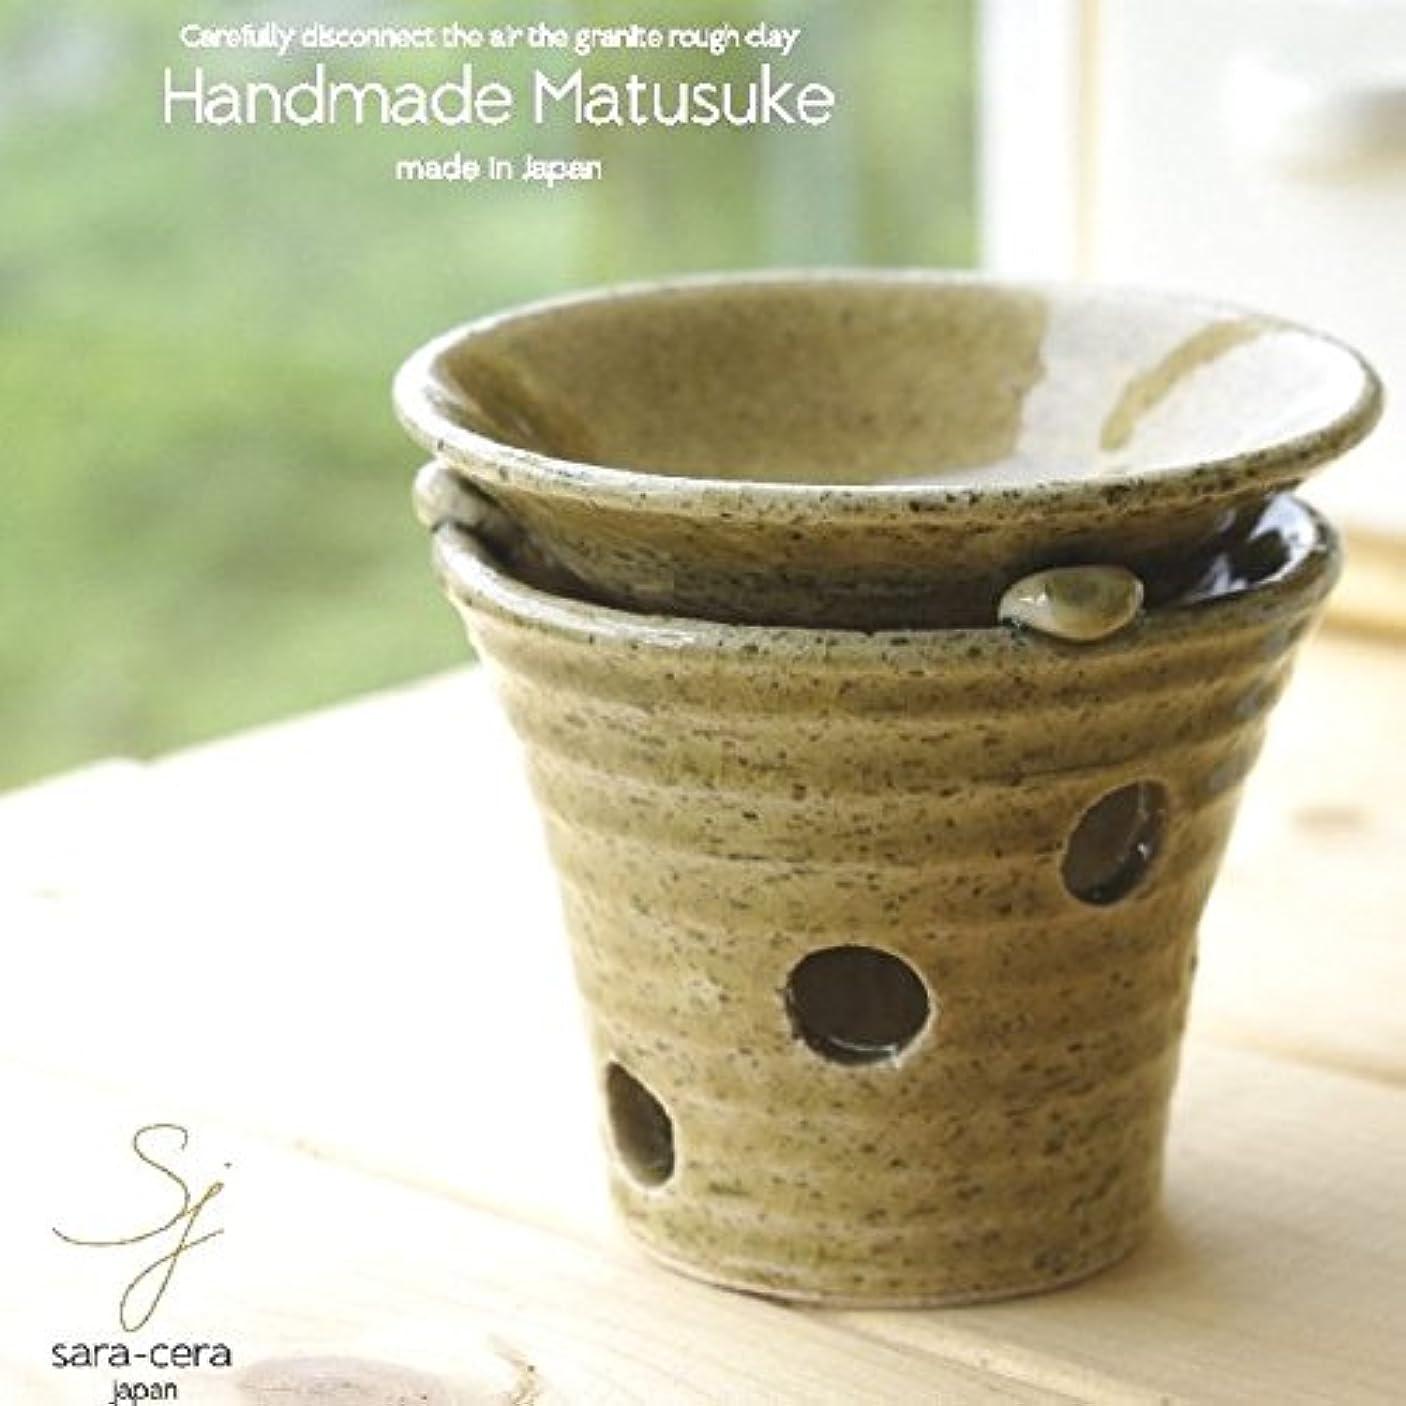 平らなピカリングサークル松助窯 手作り茶香炉セット 灰釉ビードロ アロマ 和風 陶器 手づくり 日本製 美濃焼